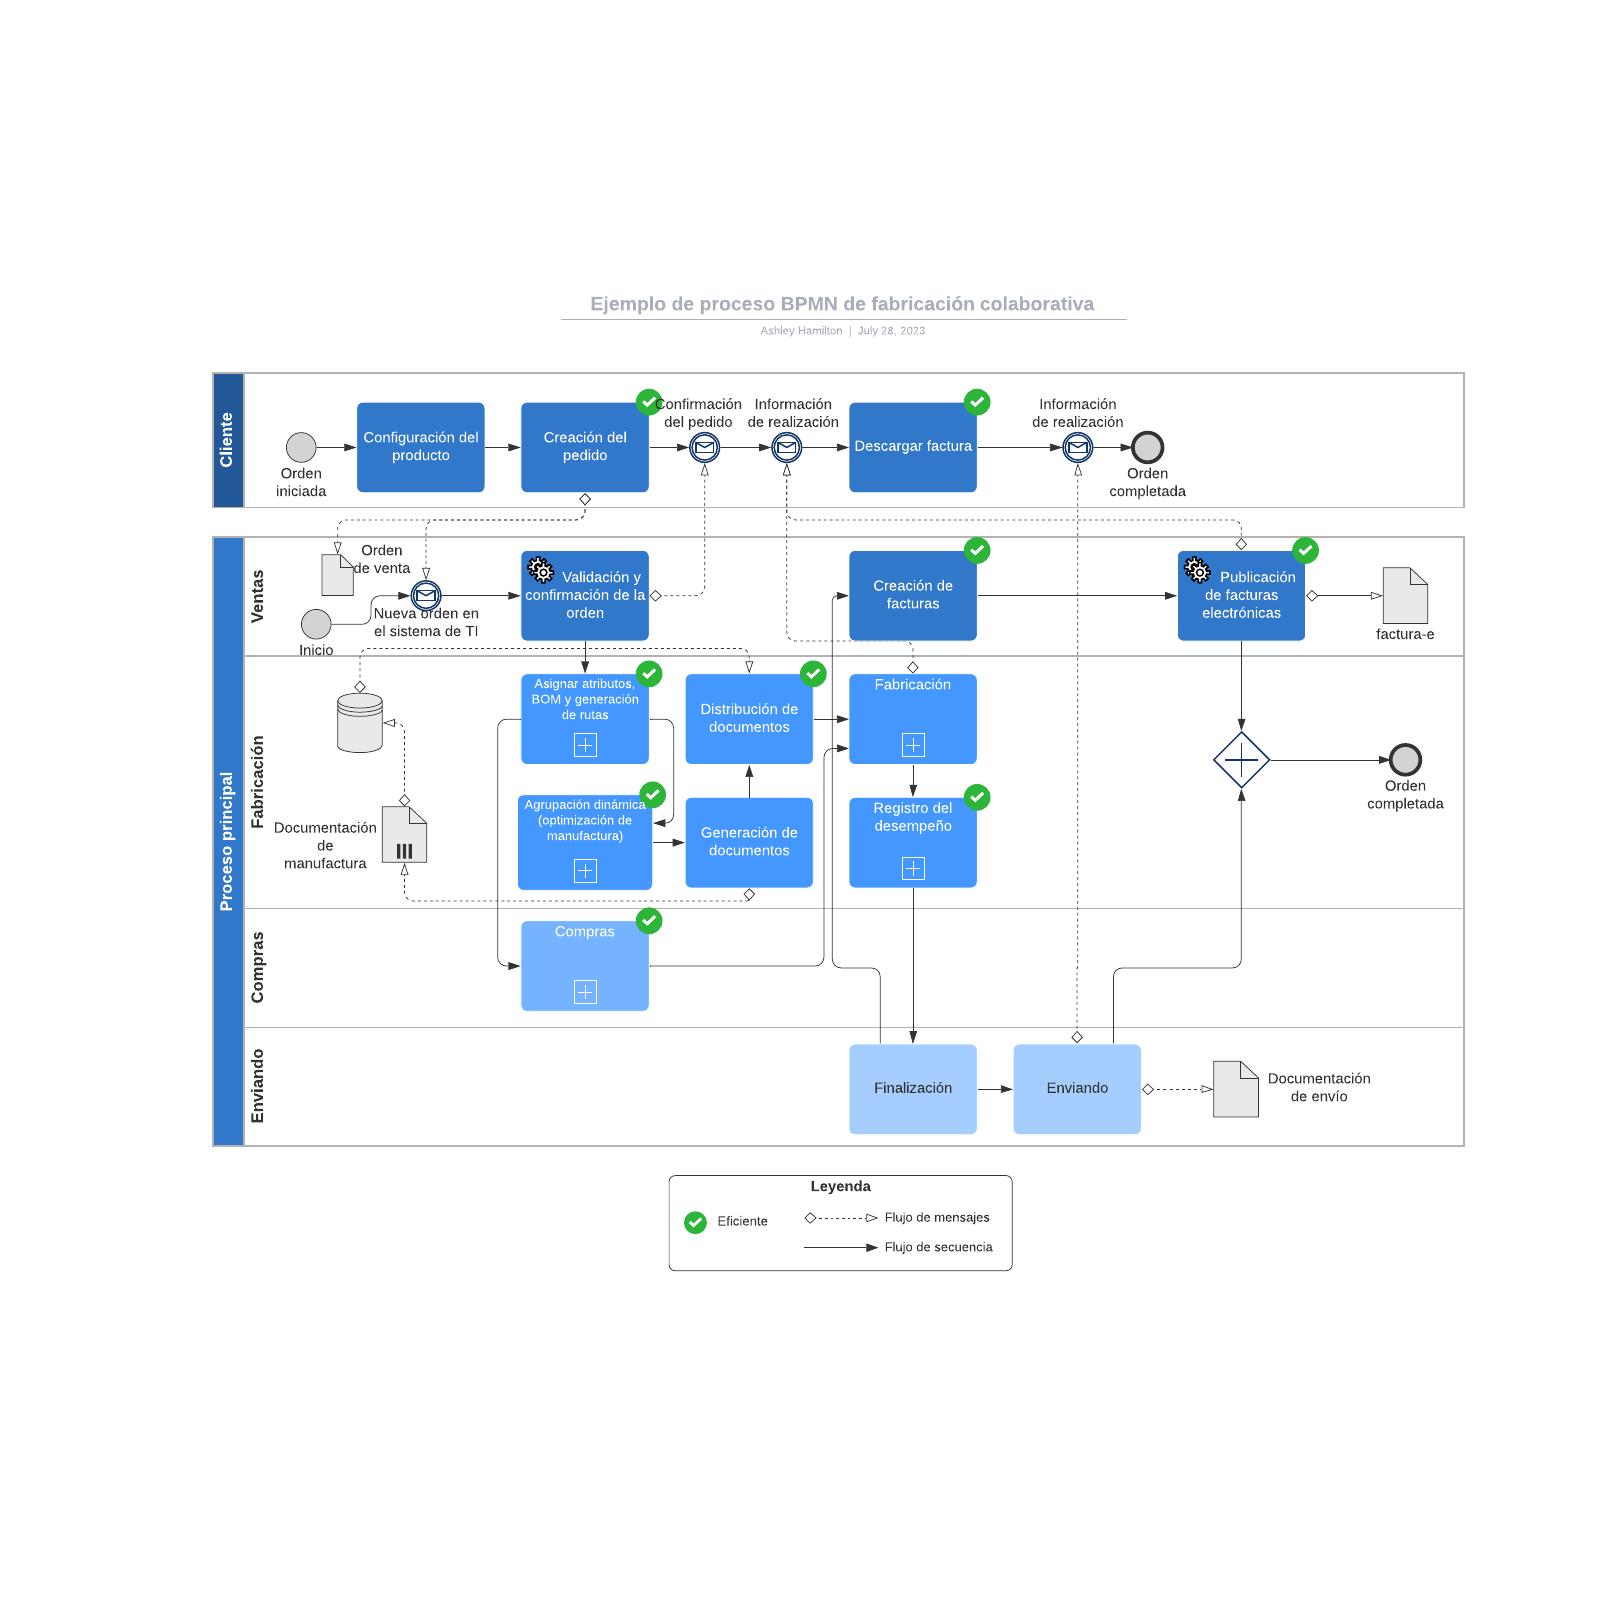 Ejemplo de proceso BPMN de fabricación colaborativa